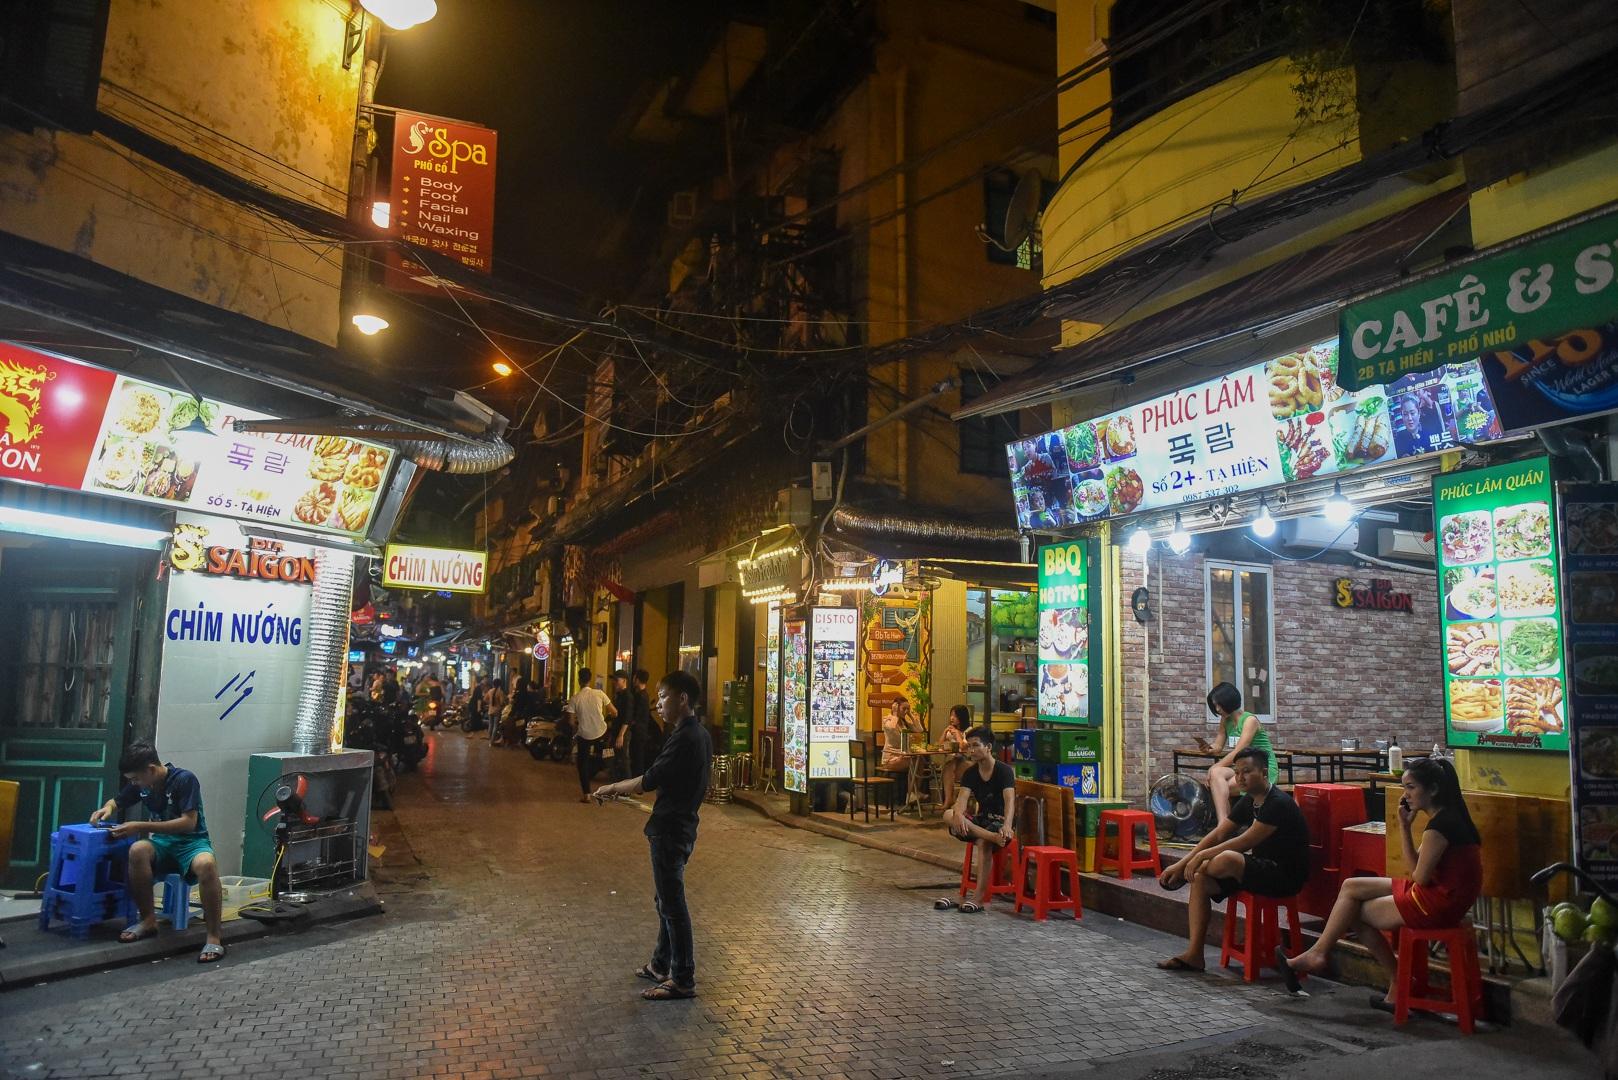 Hàng quán phố cổ thi nhau sang nhượng, đến Tạ Hiện cũng chung cảnh đìu hiu - 2